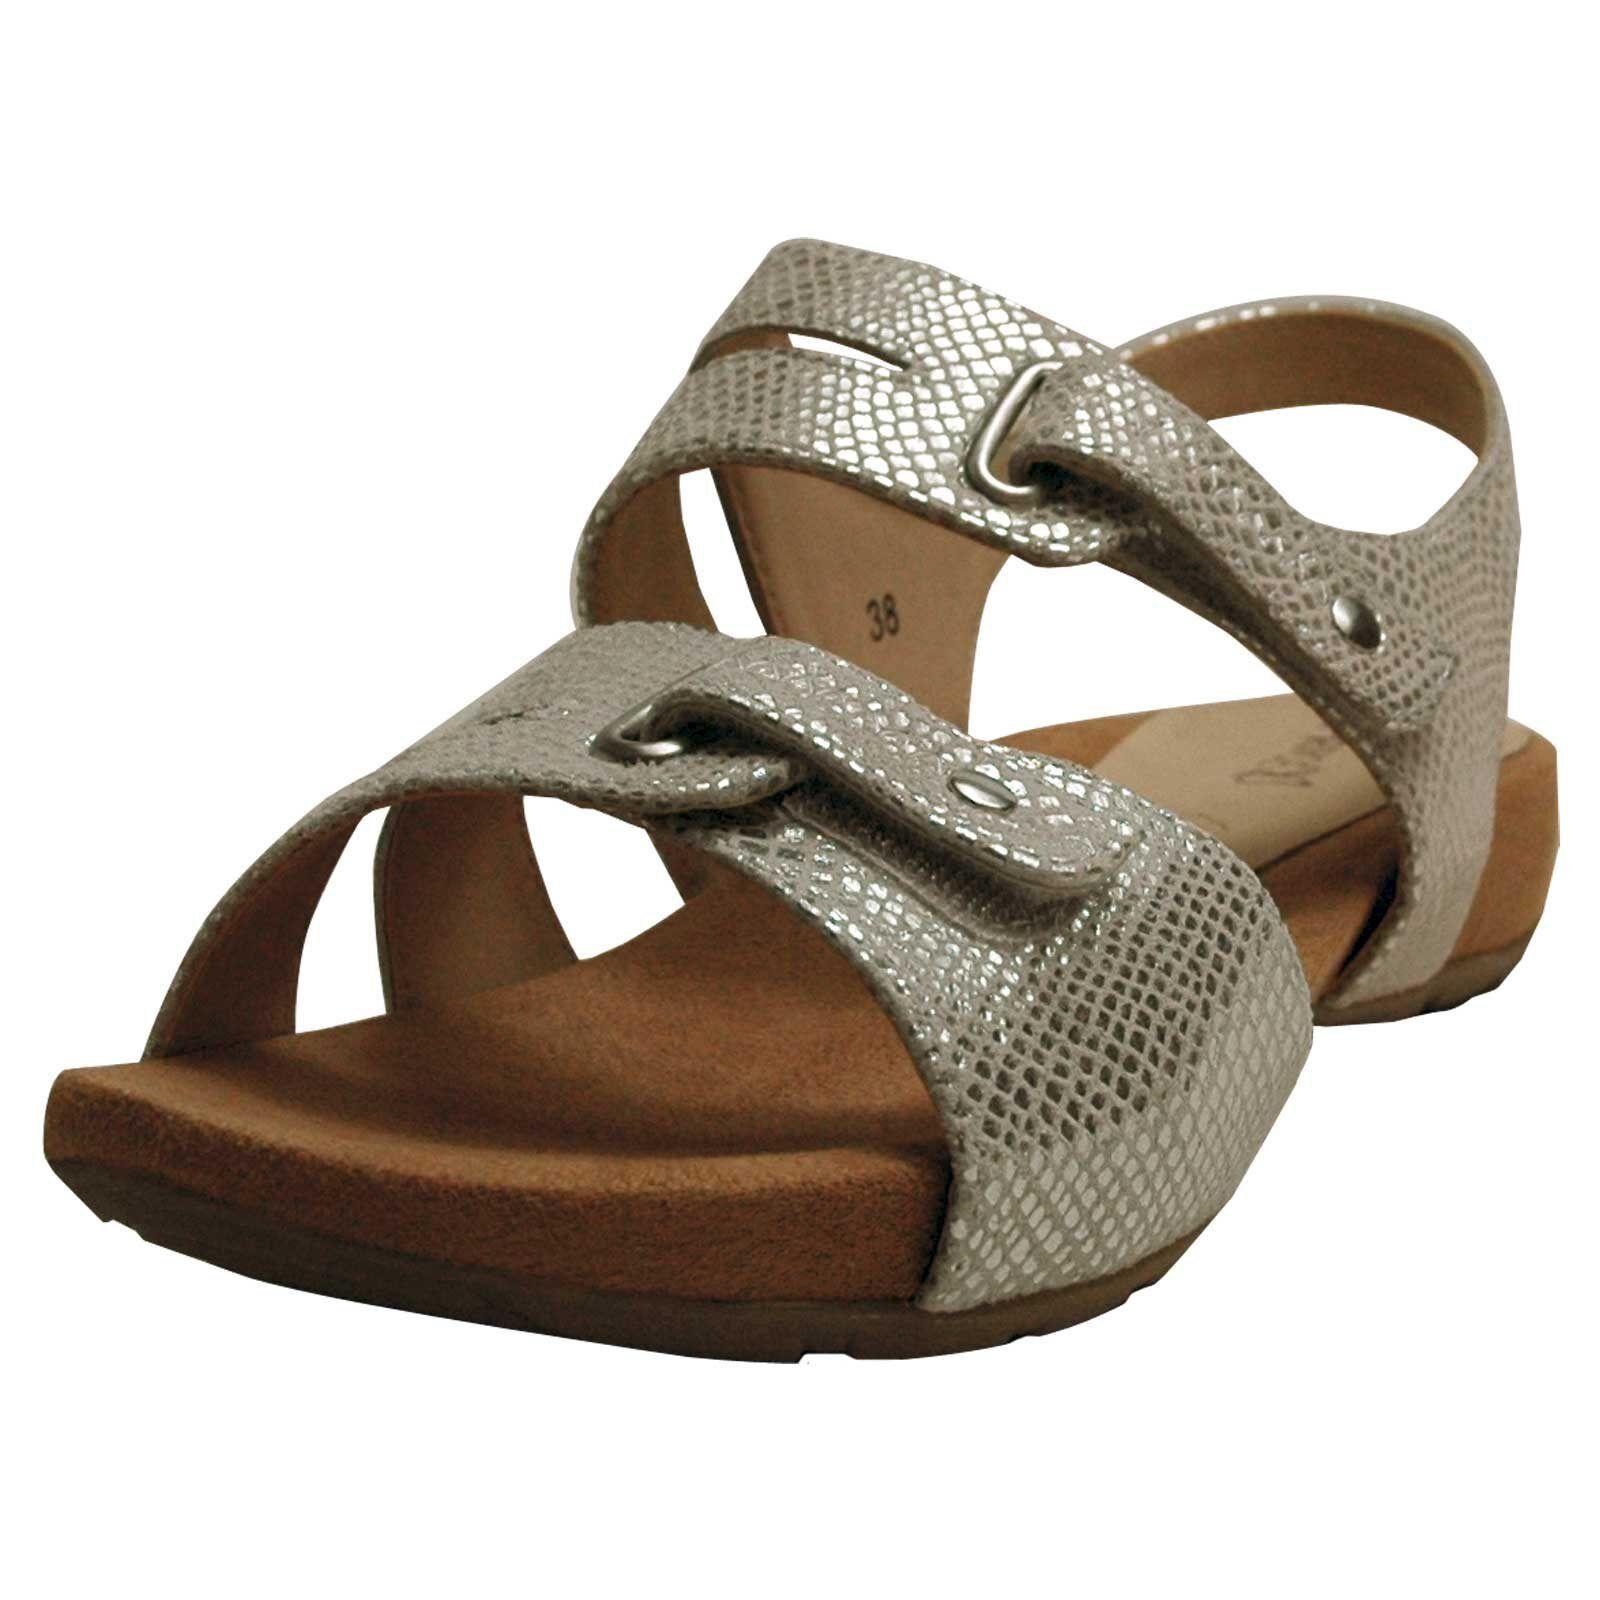 Caprice Damen-Sandale silber, Weite G